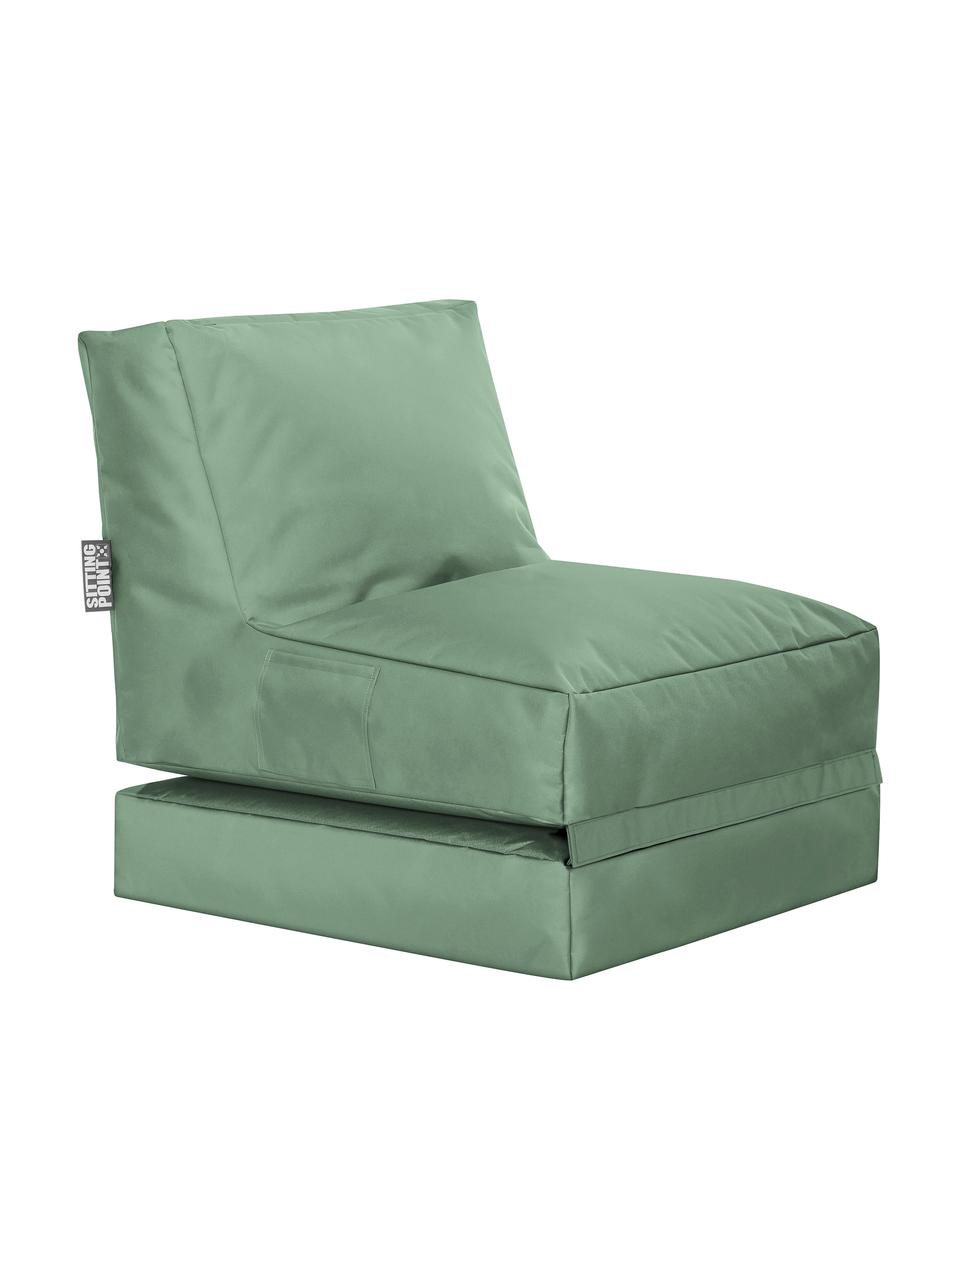 Outdoor loungefauteuil Pop Up met ligfunctie, Bekleding: 100% polyester Binnenzijd, Saliegroen, 70 x 90 cm